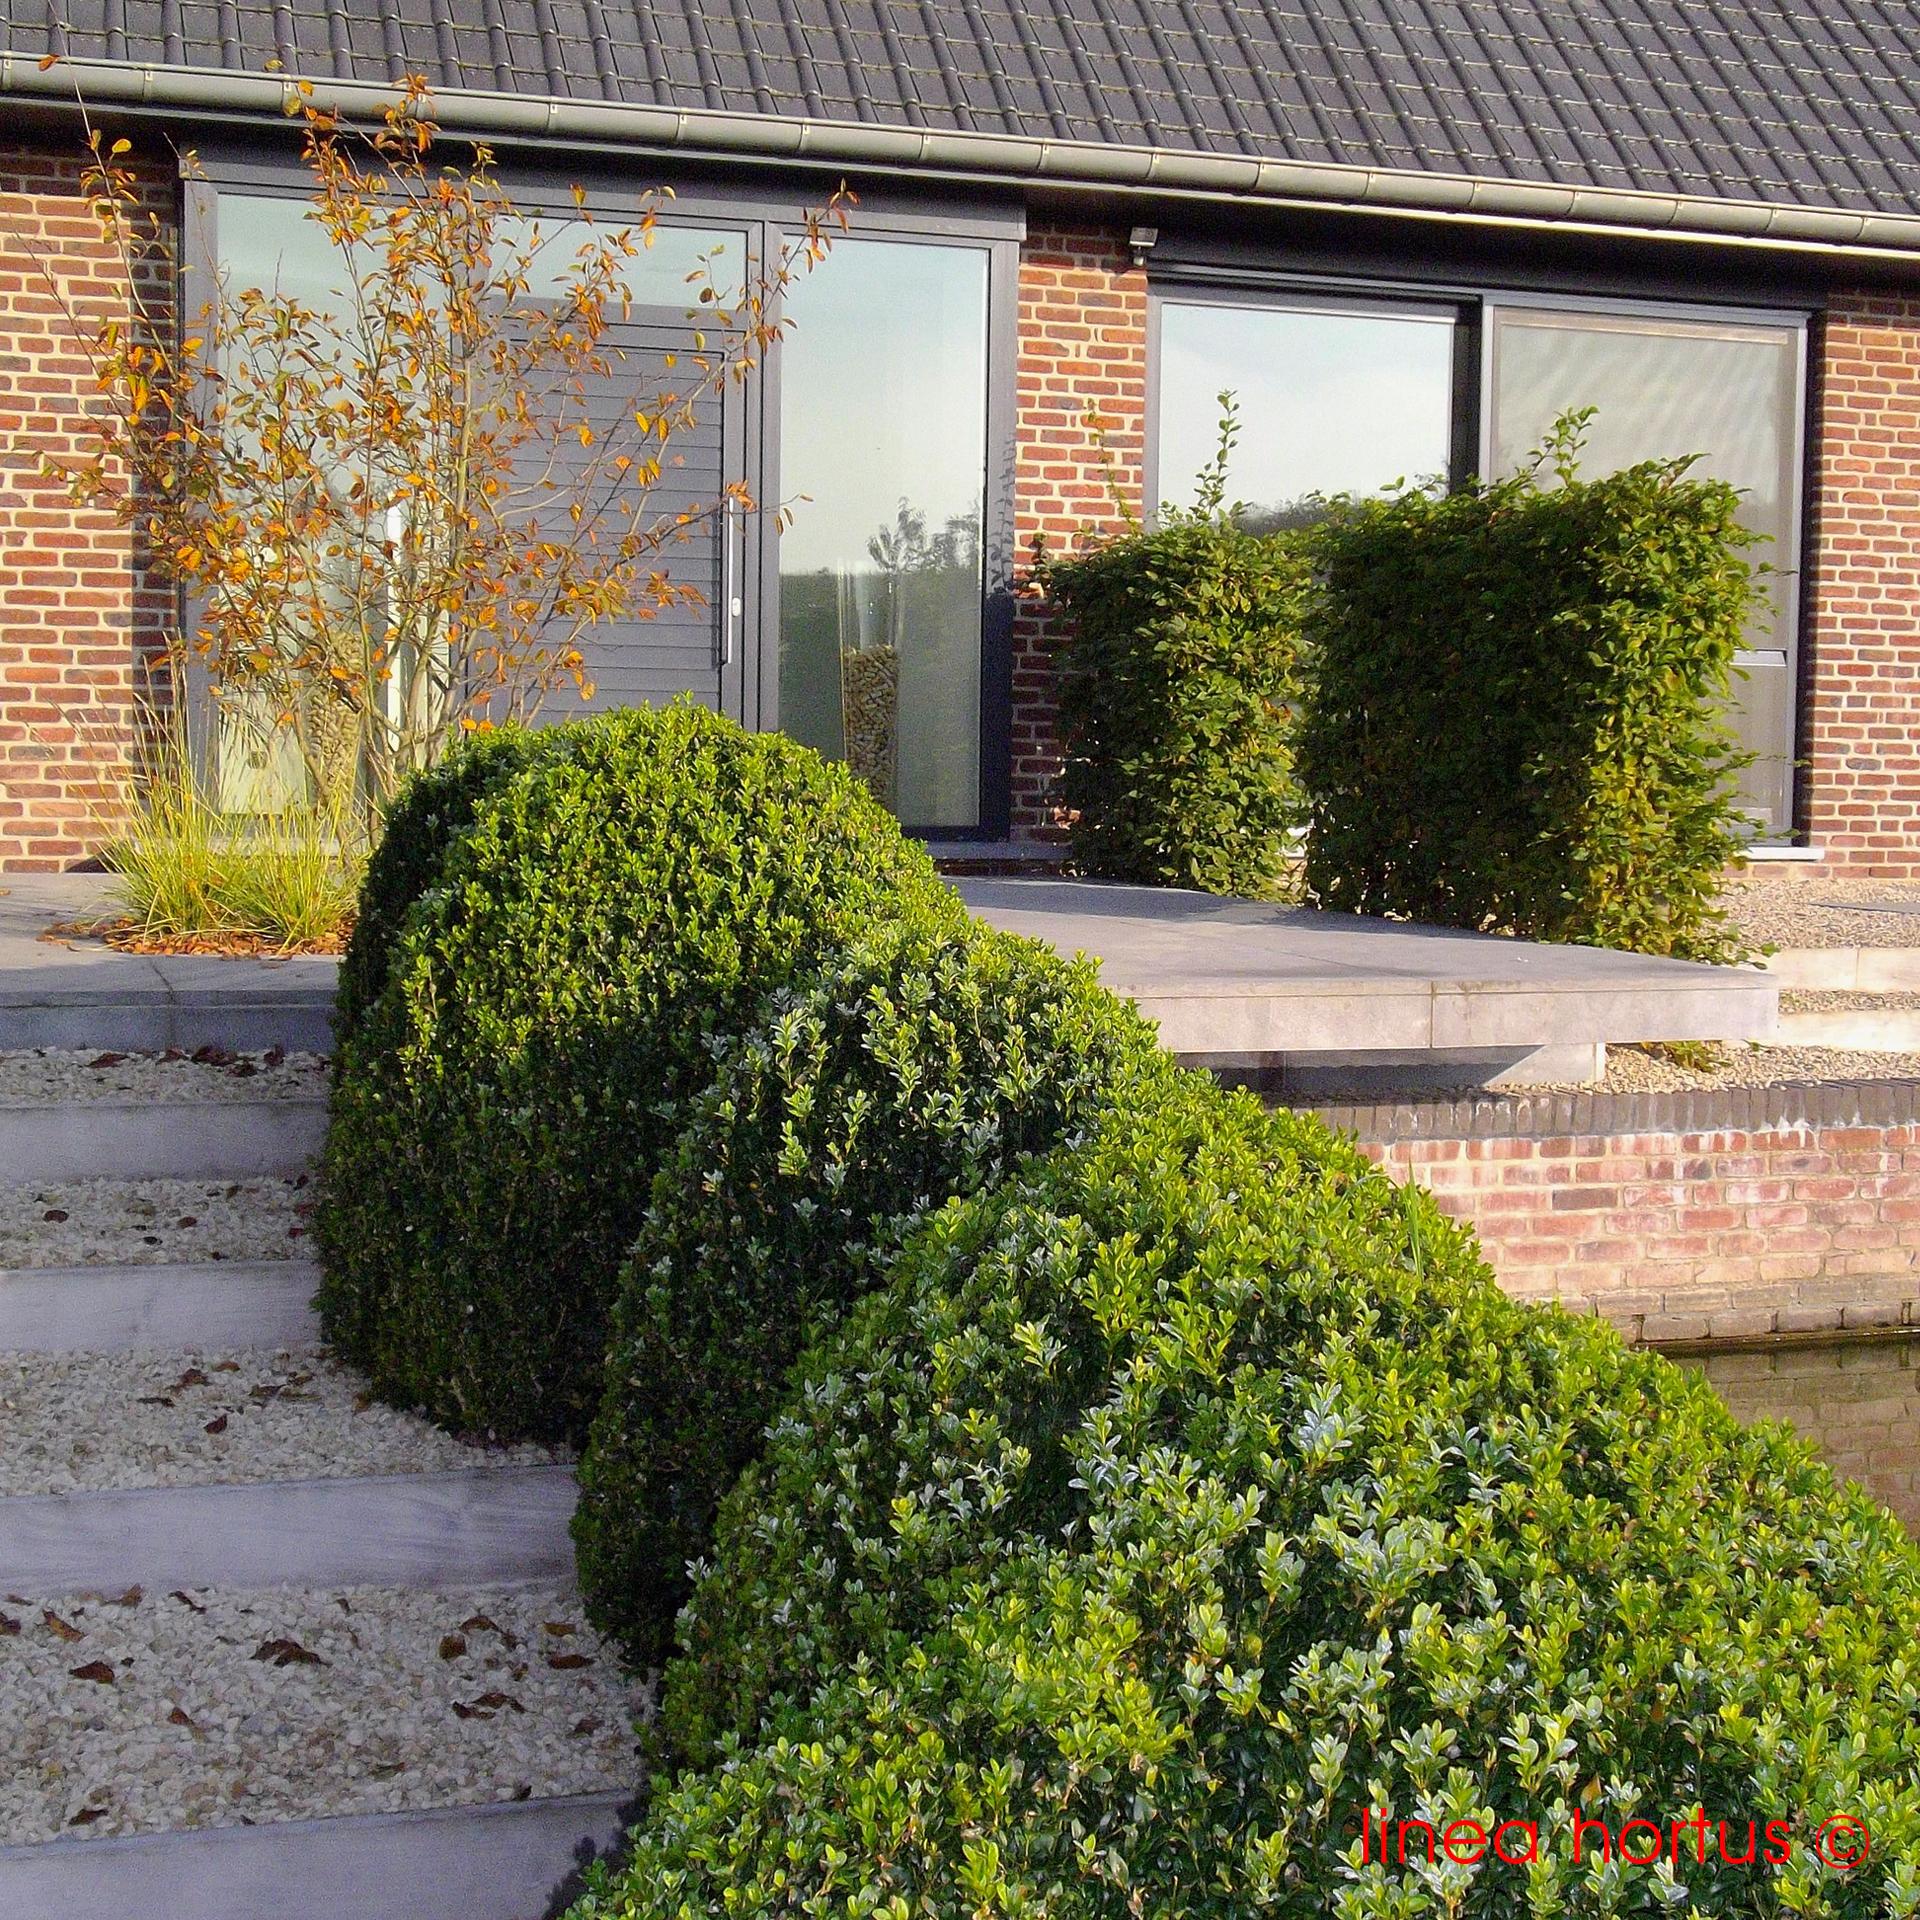 dierenhotel_bever_8.jpg